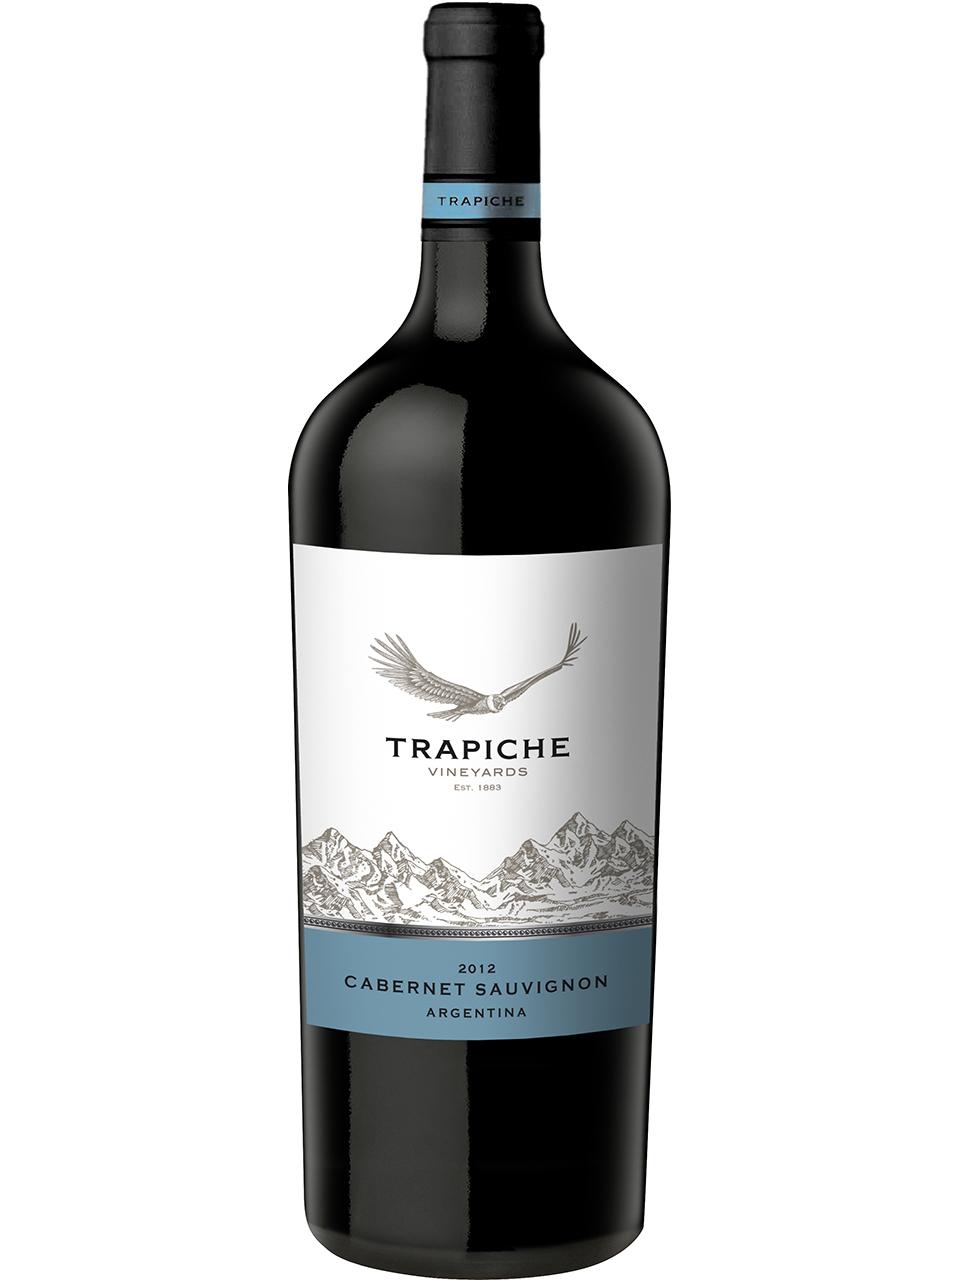 Trapiche Varietal Cabernet Sauvignon